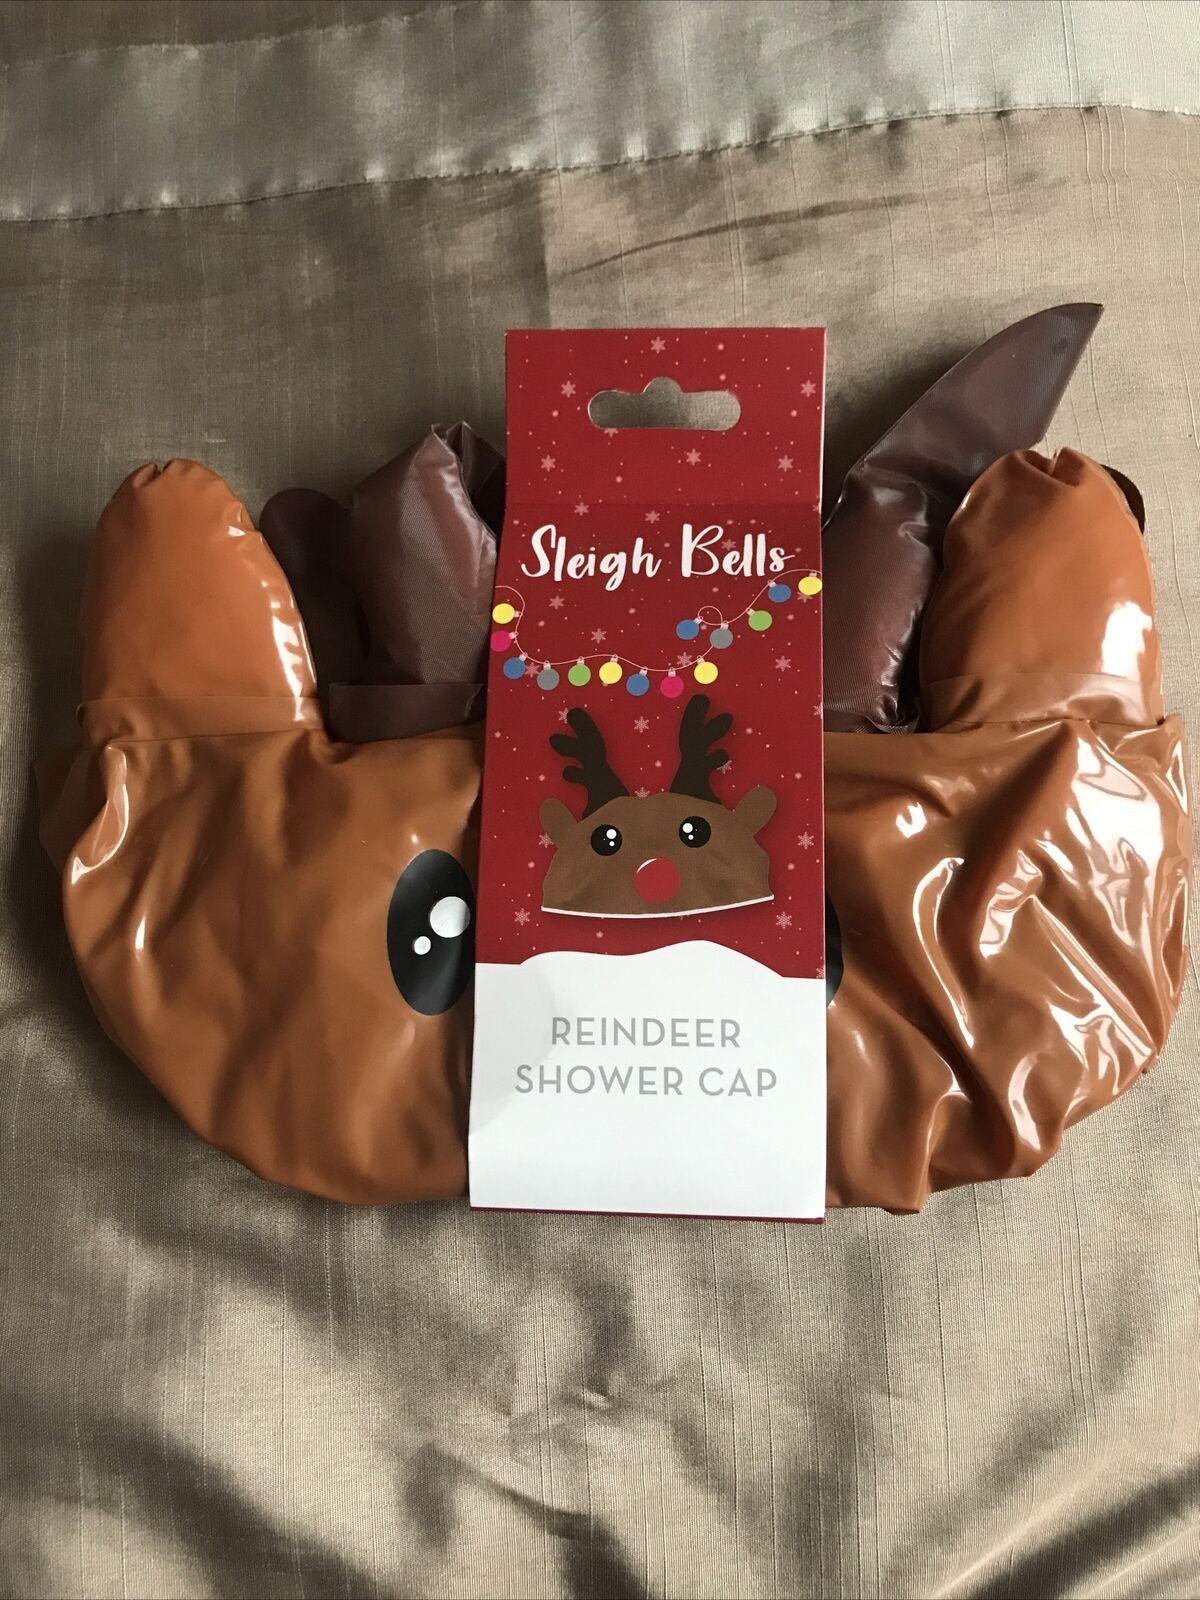 Reindeer Shower Cap